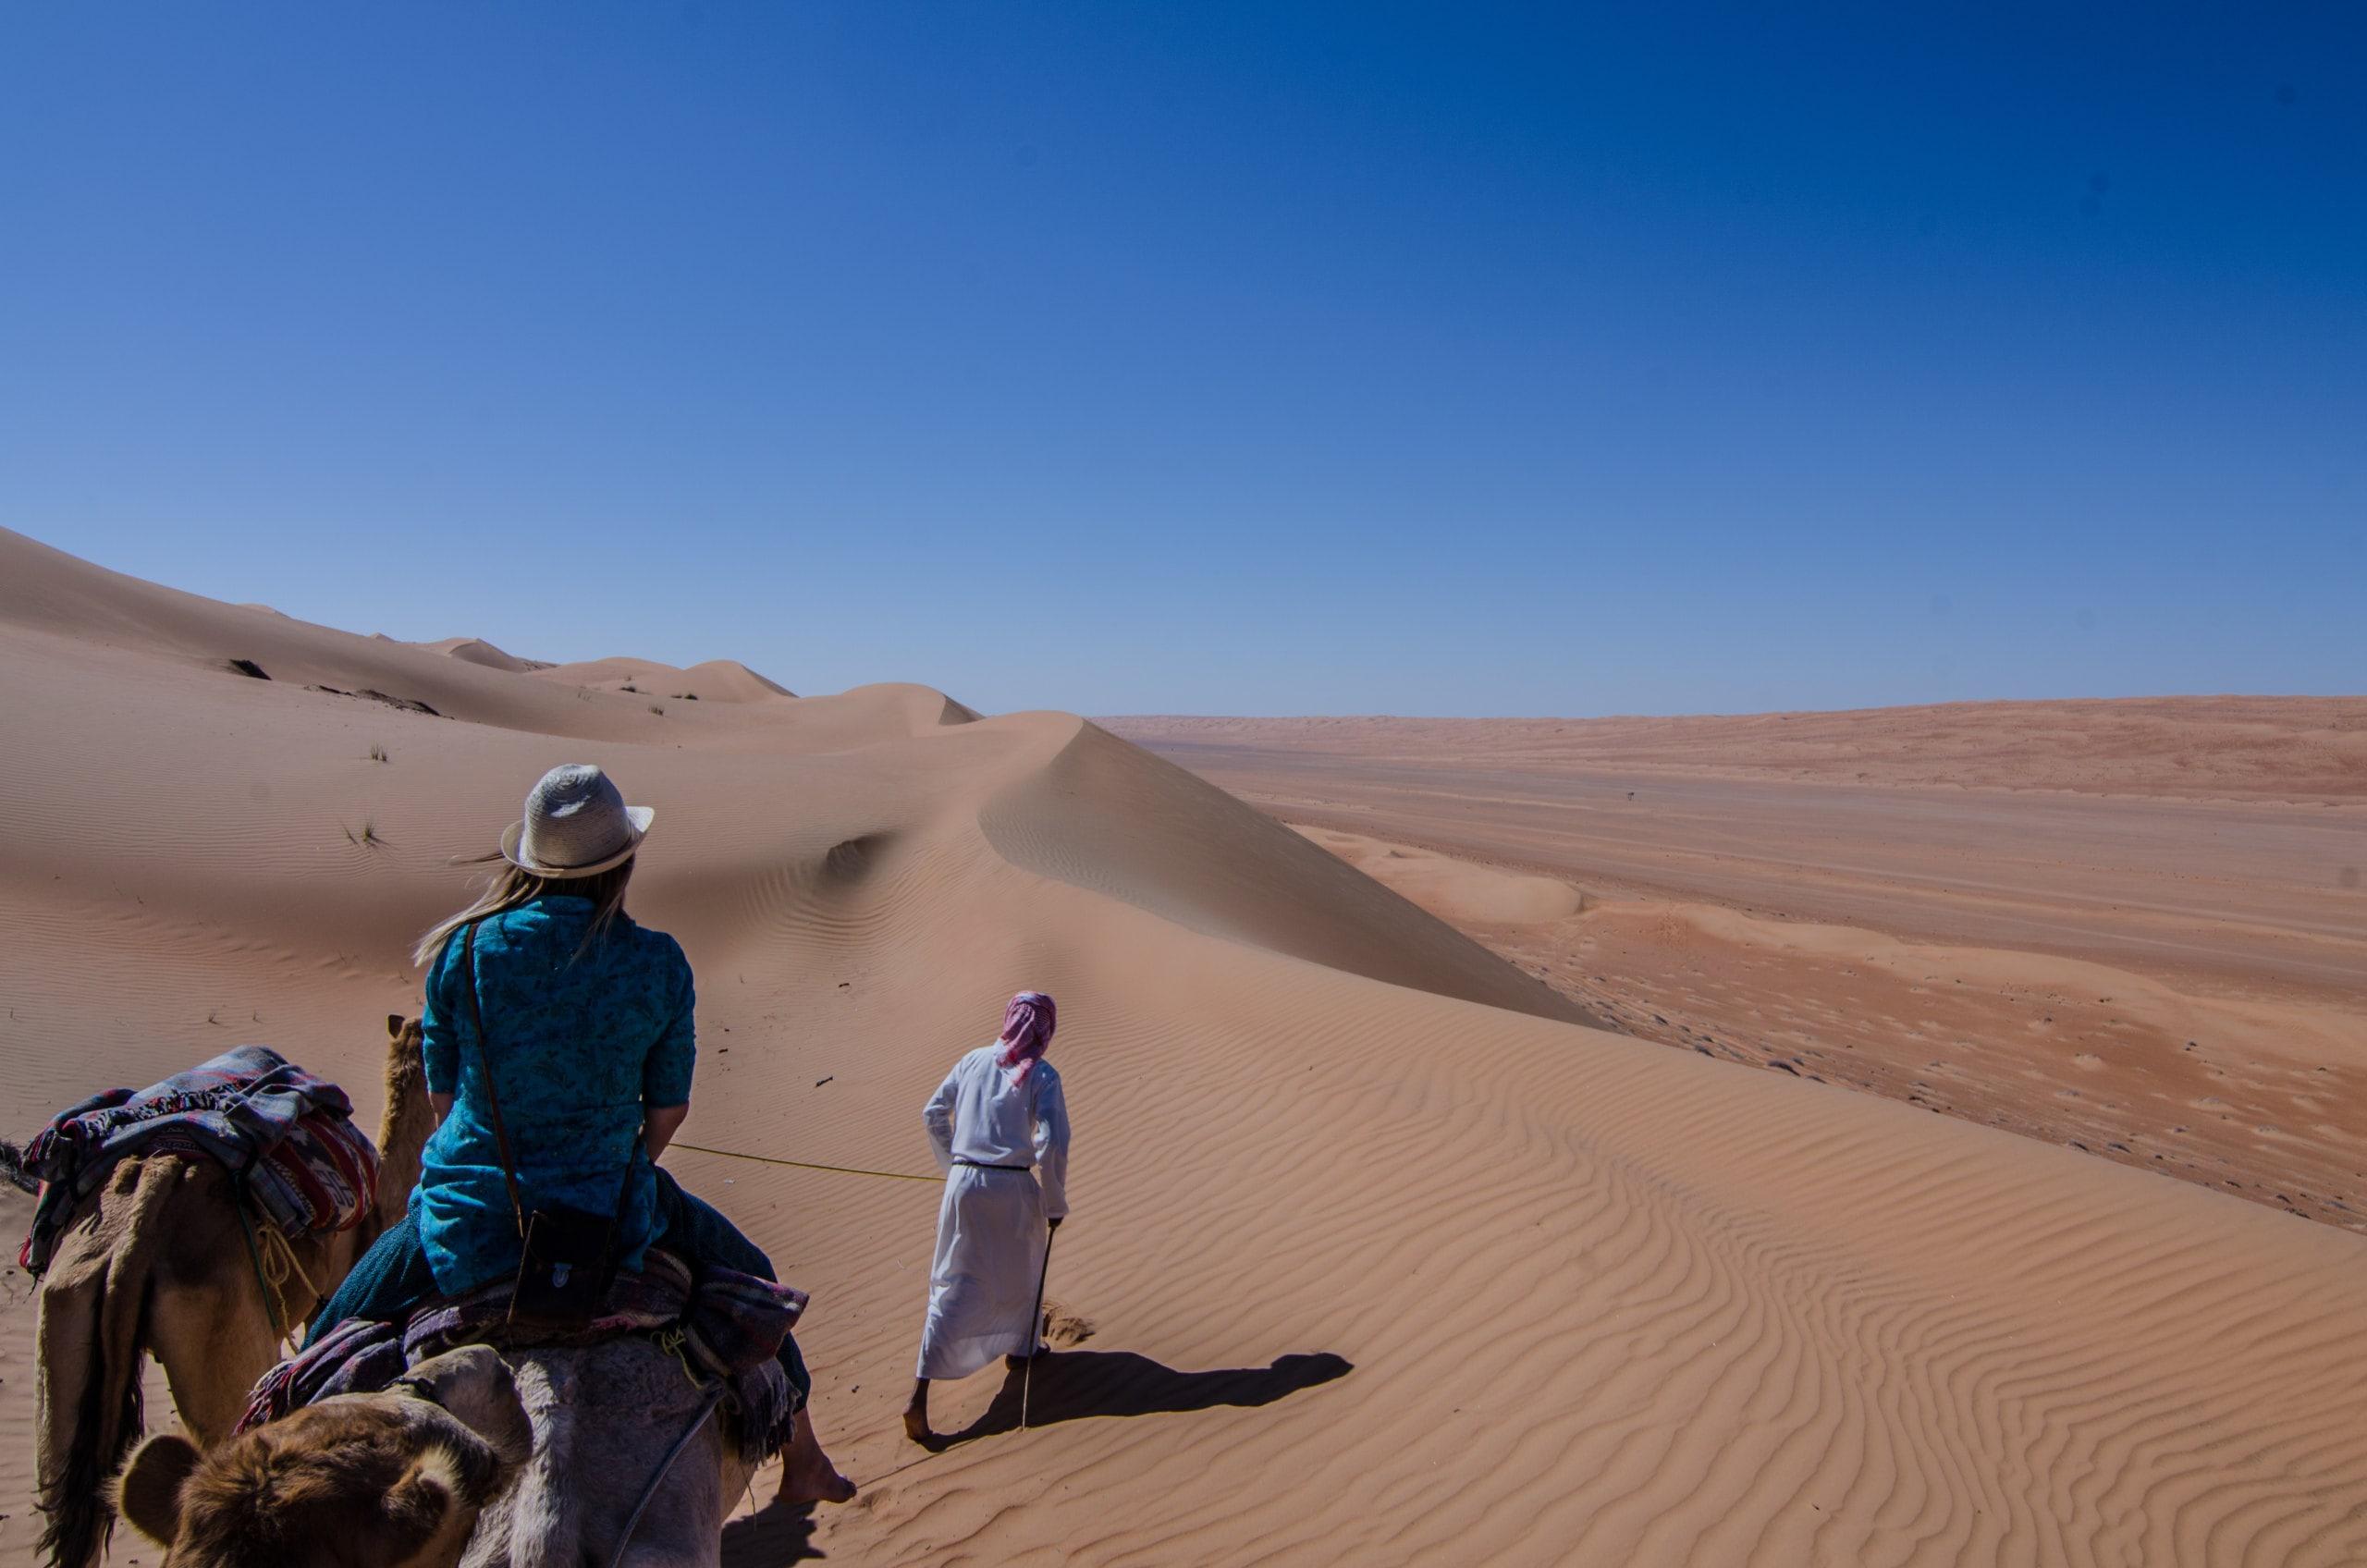 Camel-trekking-2 (1)